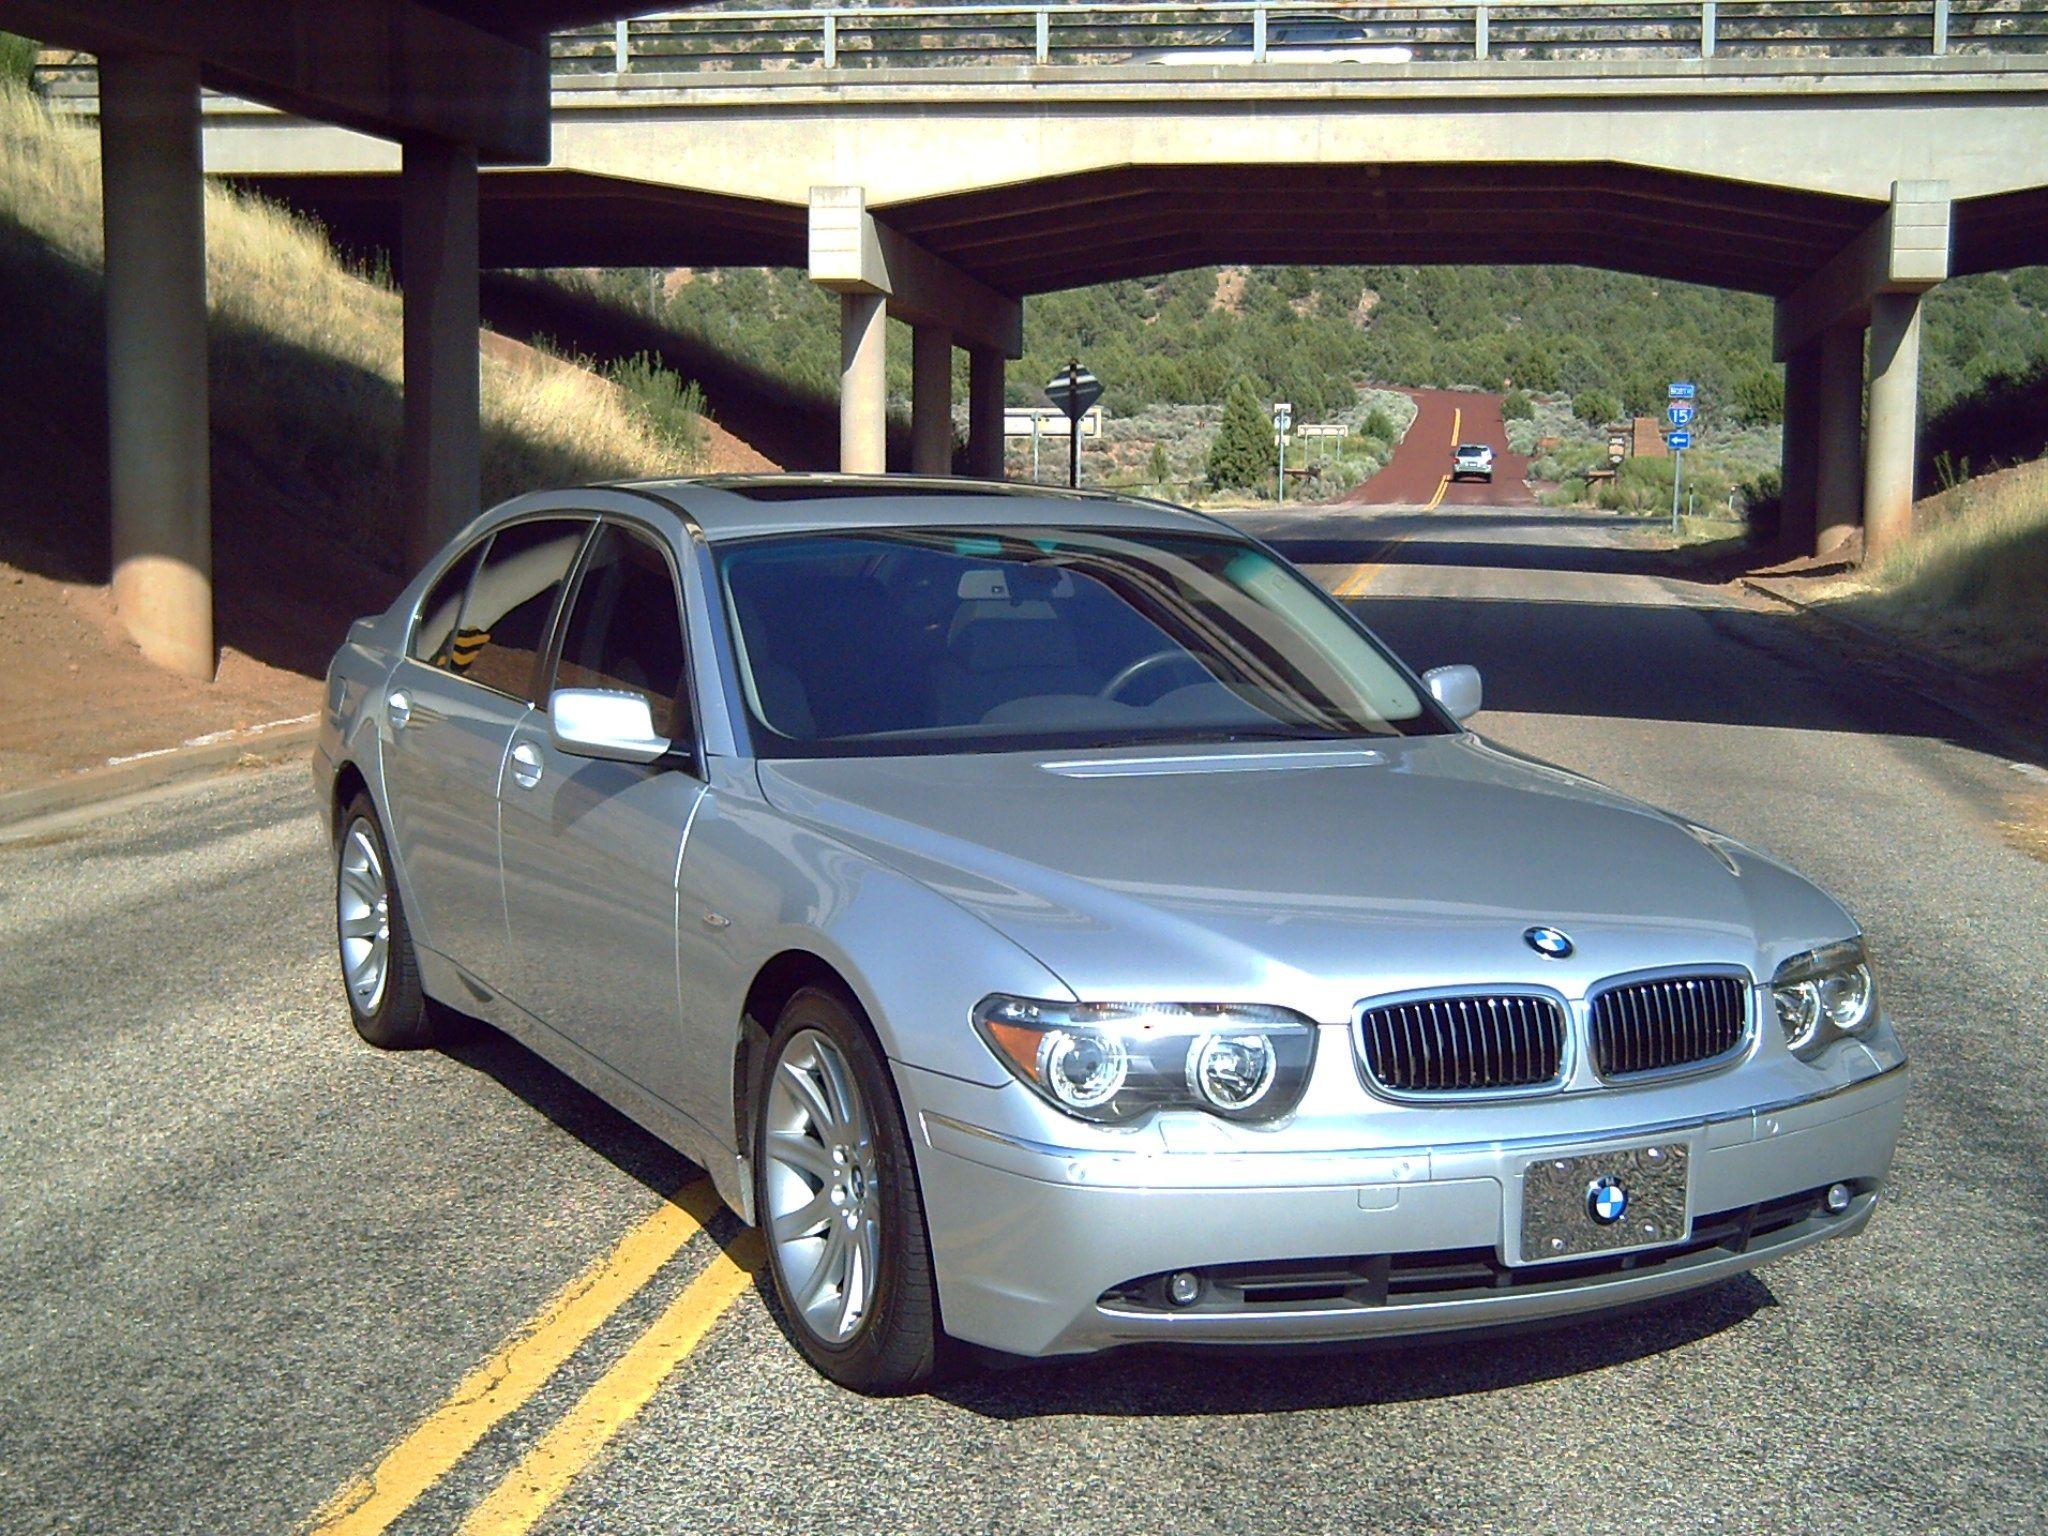 BMW 745Li silver baby Cars Pinterest